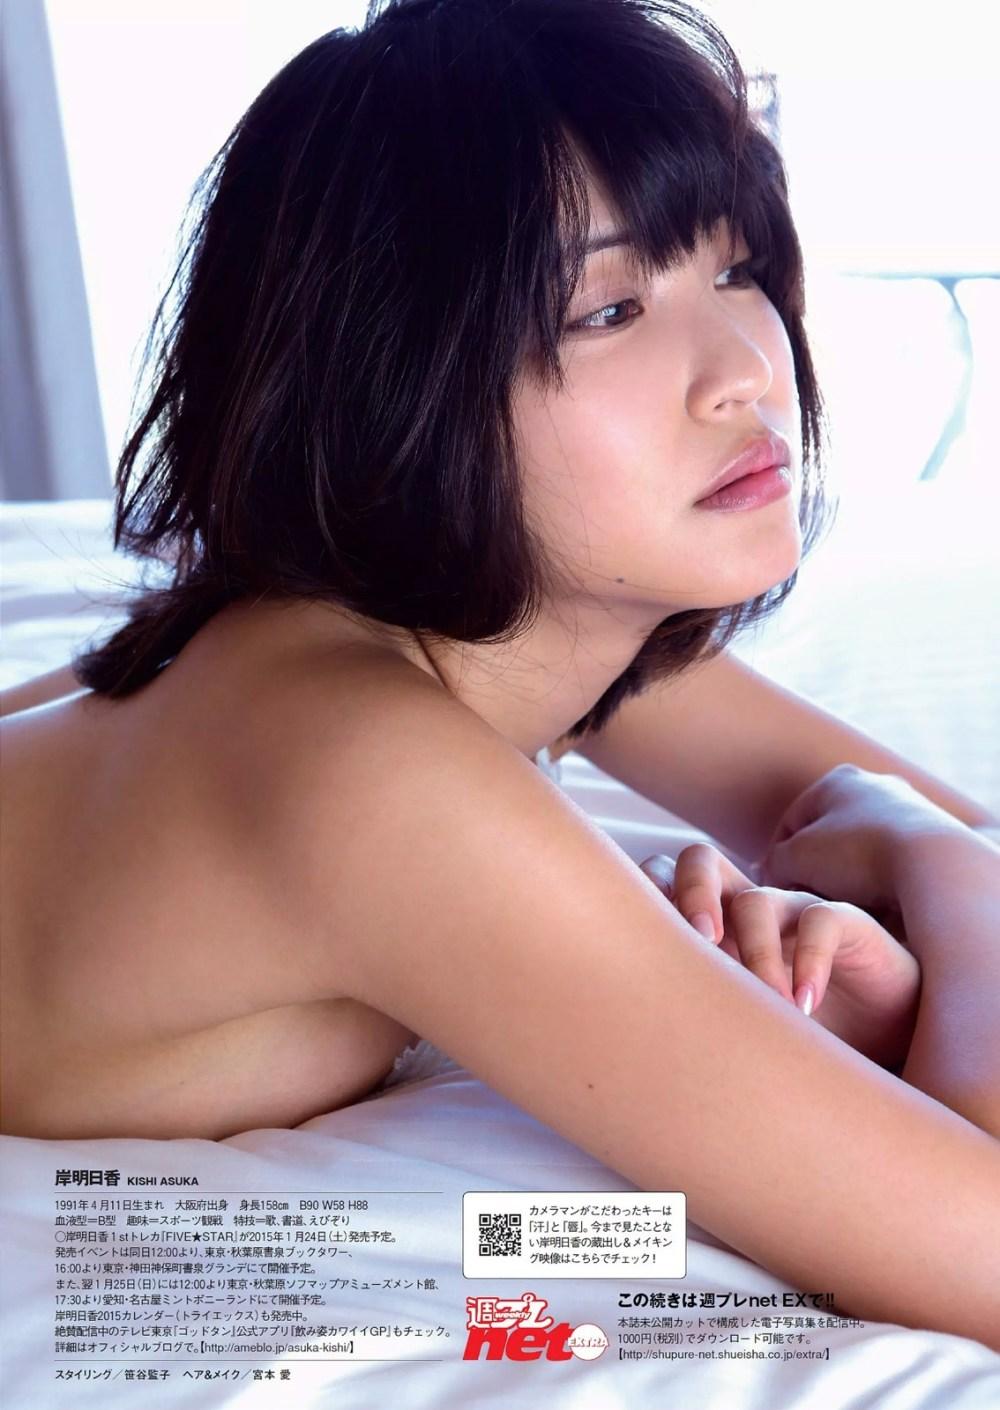 Kishi Asuka, Magazine, Weekly Playboy Magazine